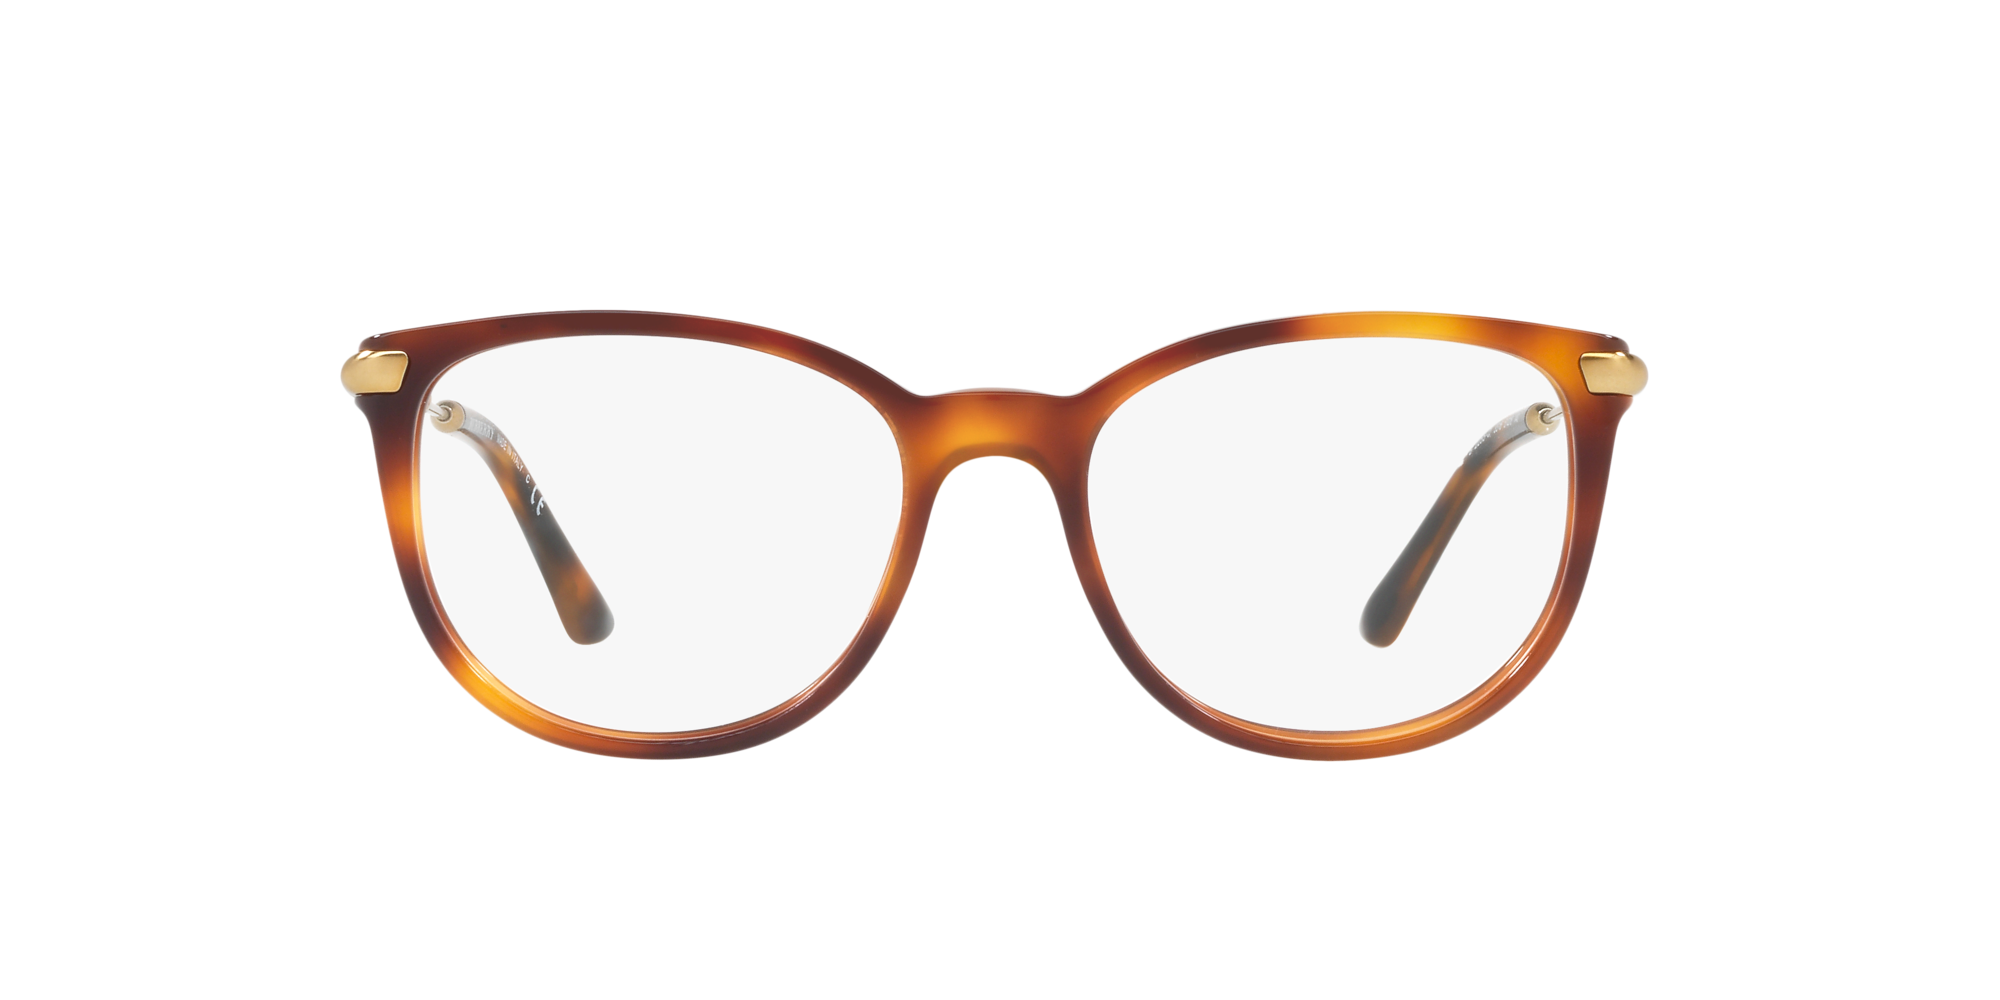 Imagen para BE2255Q de LensCrafters |  Espejuelos, espejuelos graduados en línea, gafas